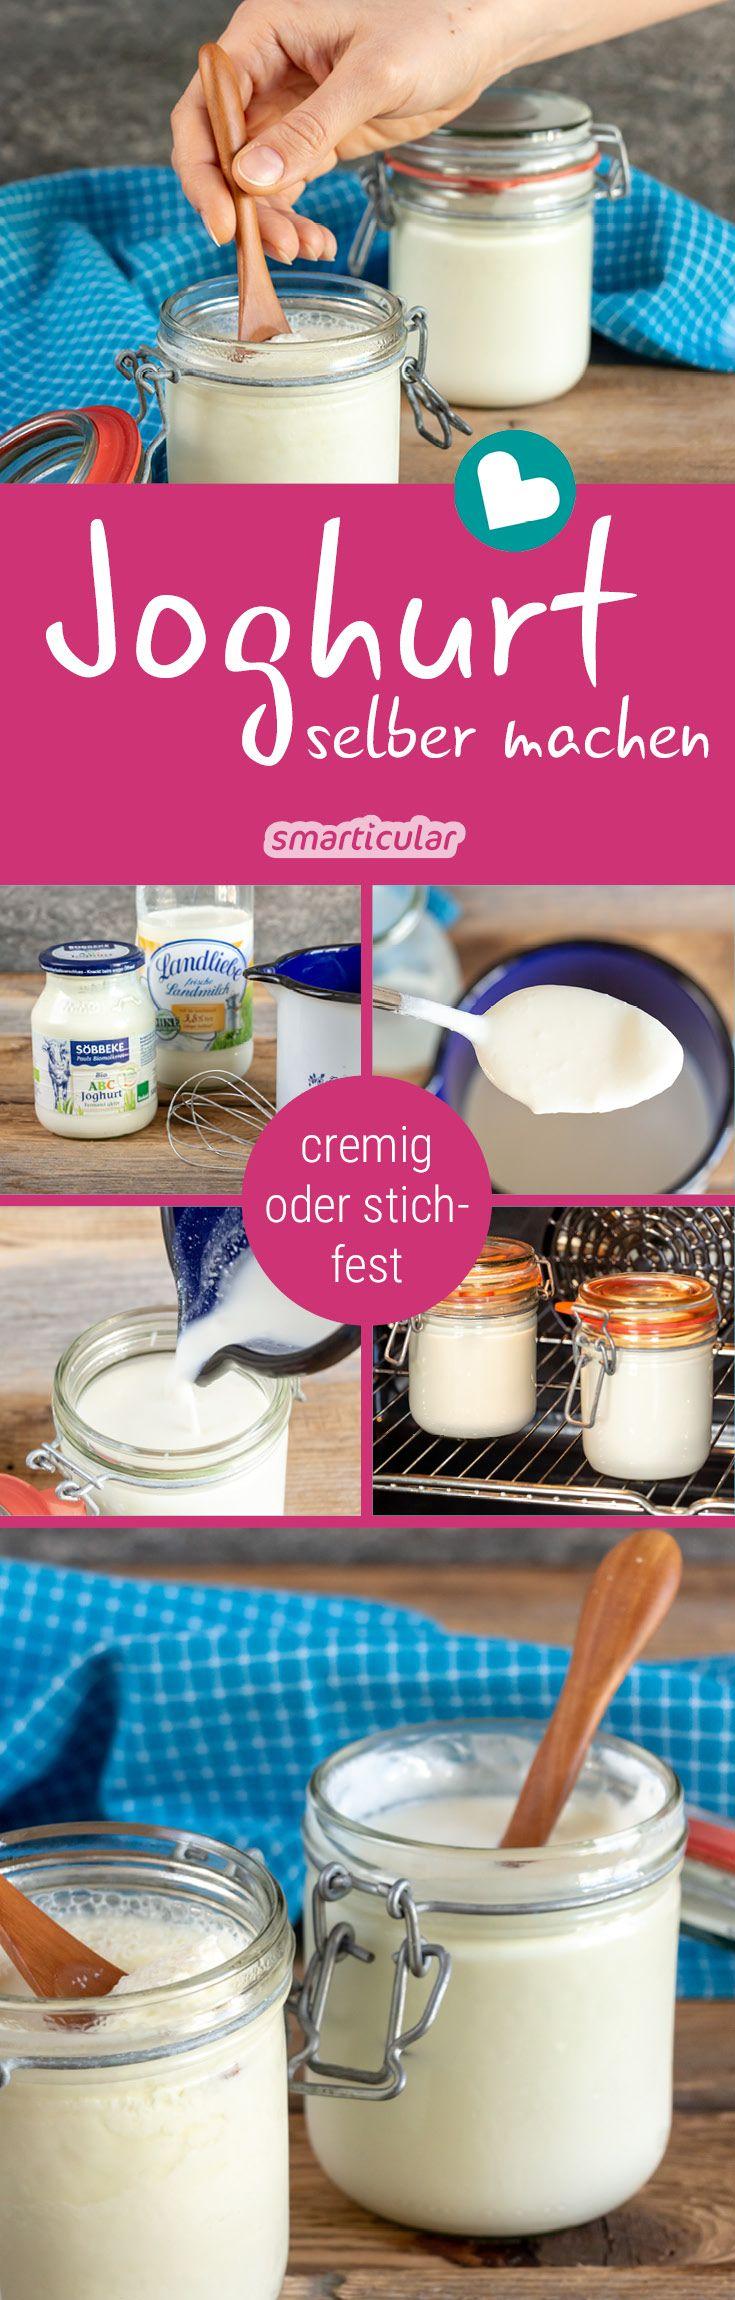 Mach einfach selbst Joghurt   – Selber machen statt kaufen – Küche